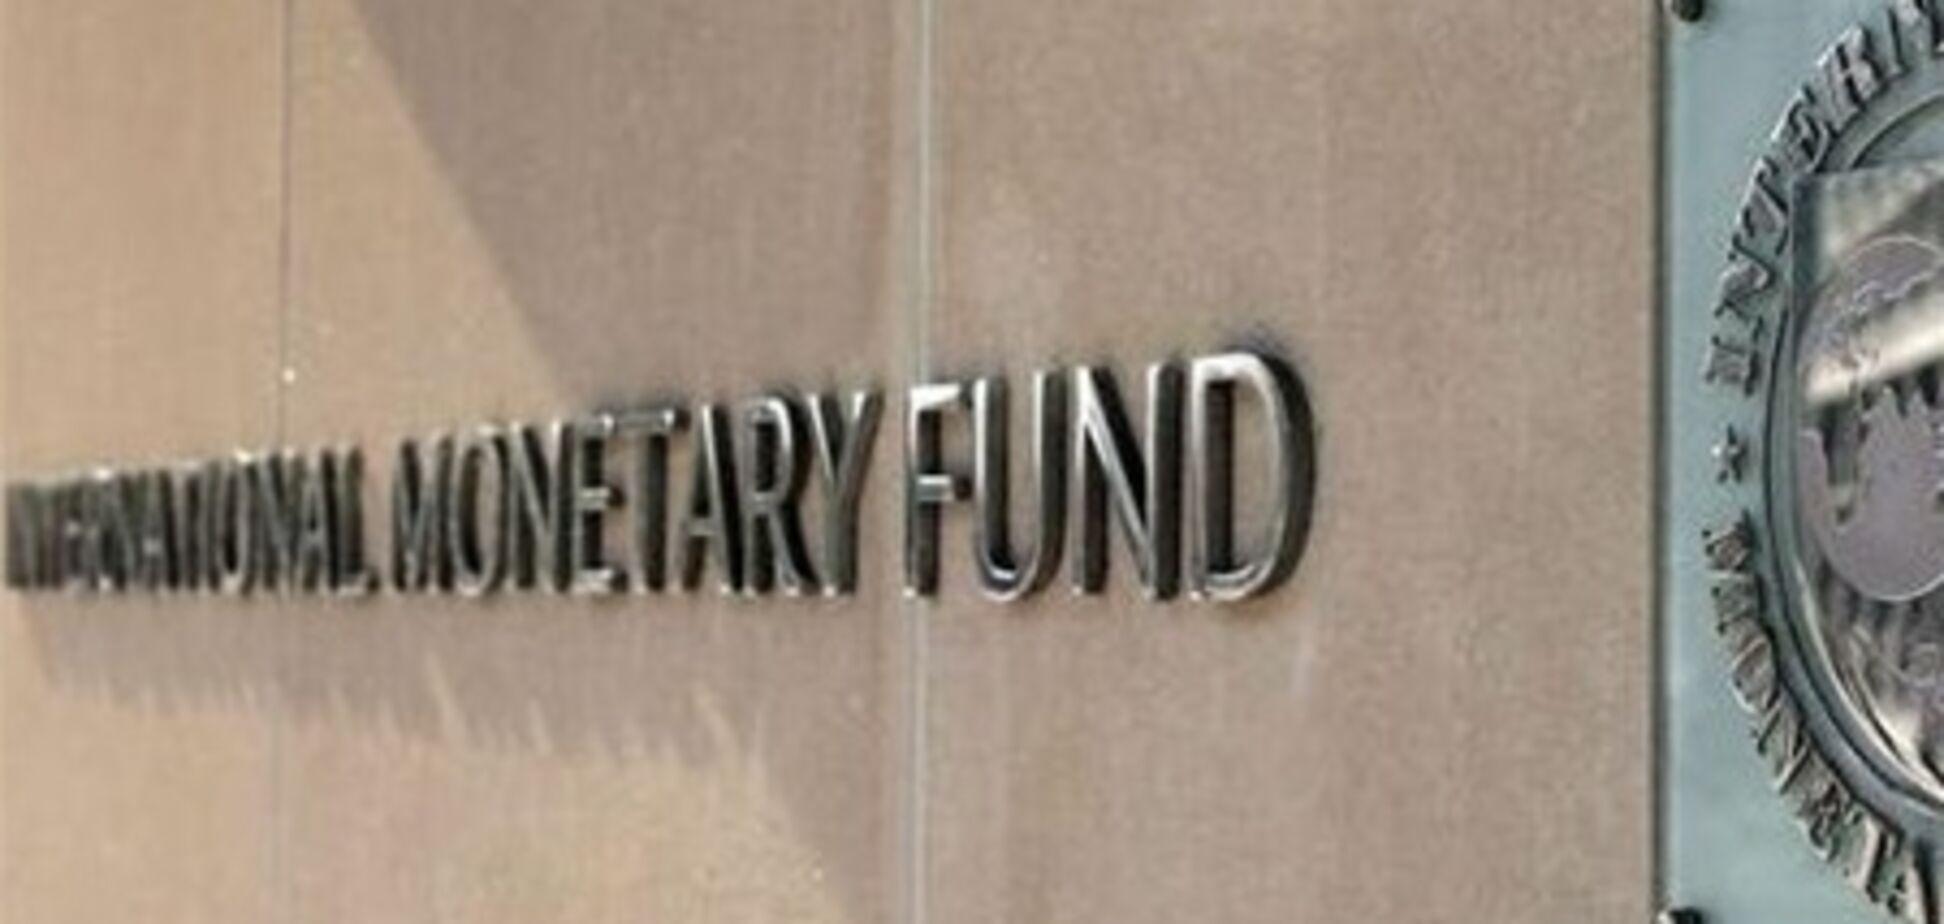 МВФ выдал Португалии четыре миллиарда евро